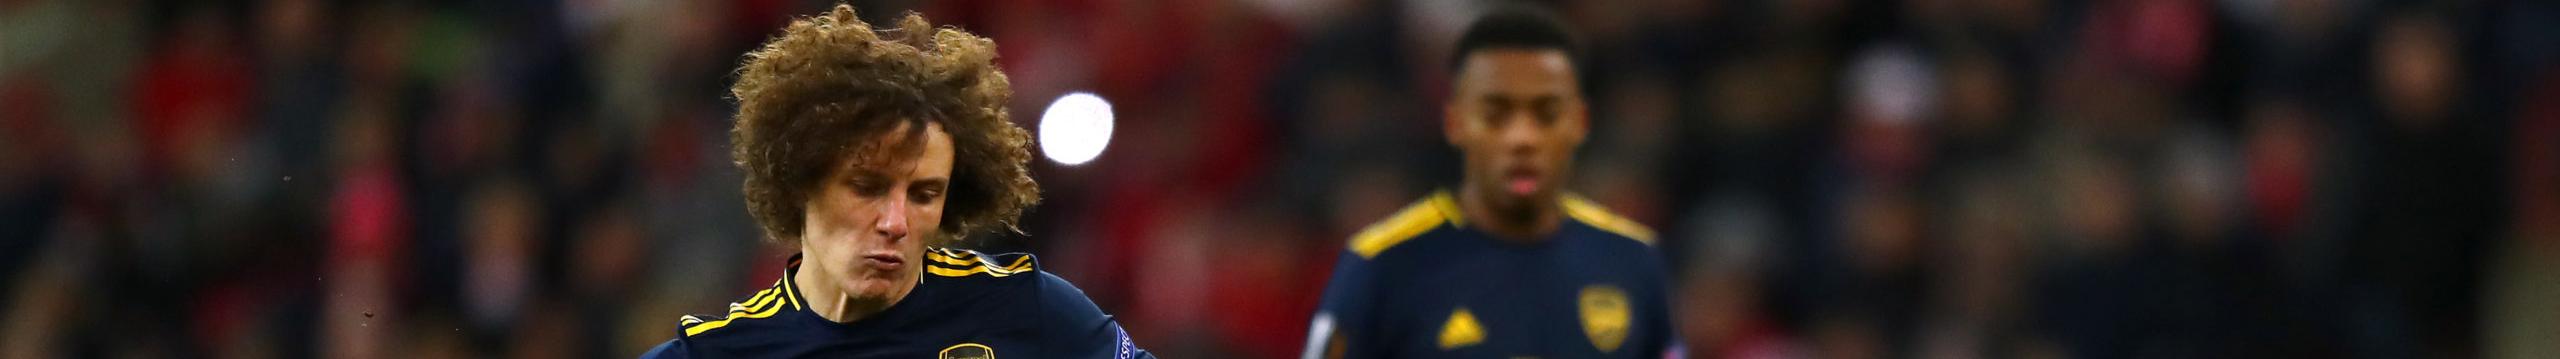 Arsenal-Everton, spareggio per la Champions: chi vince può ancora crederci